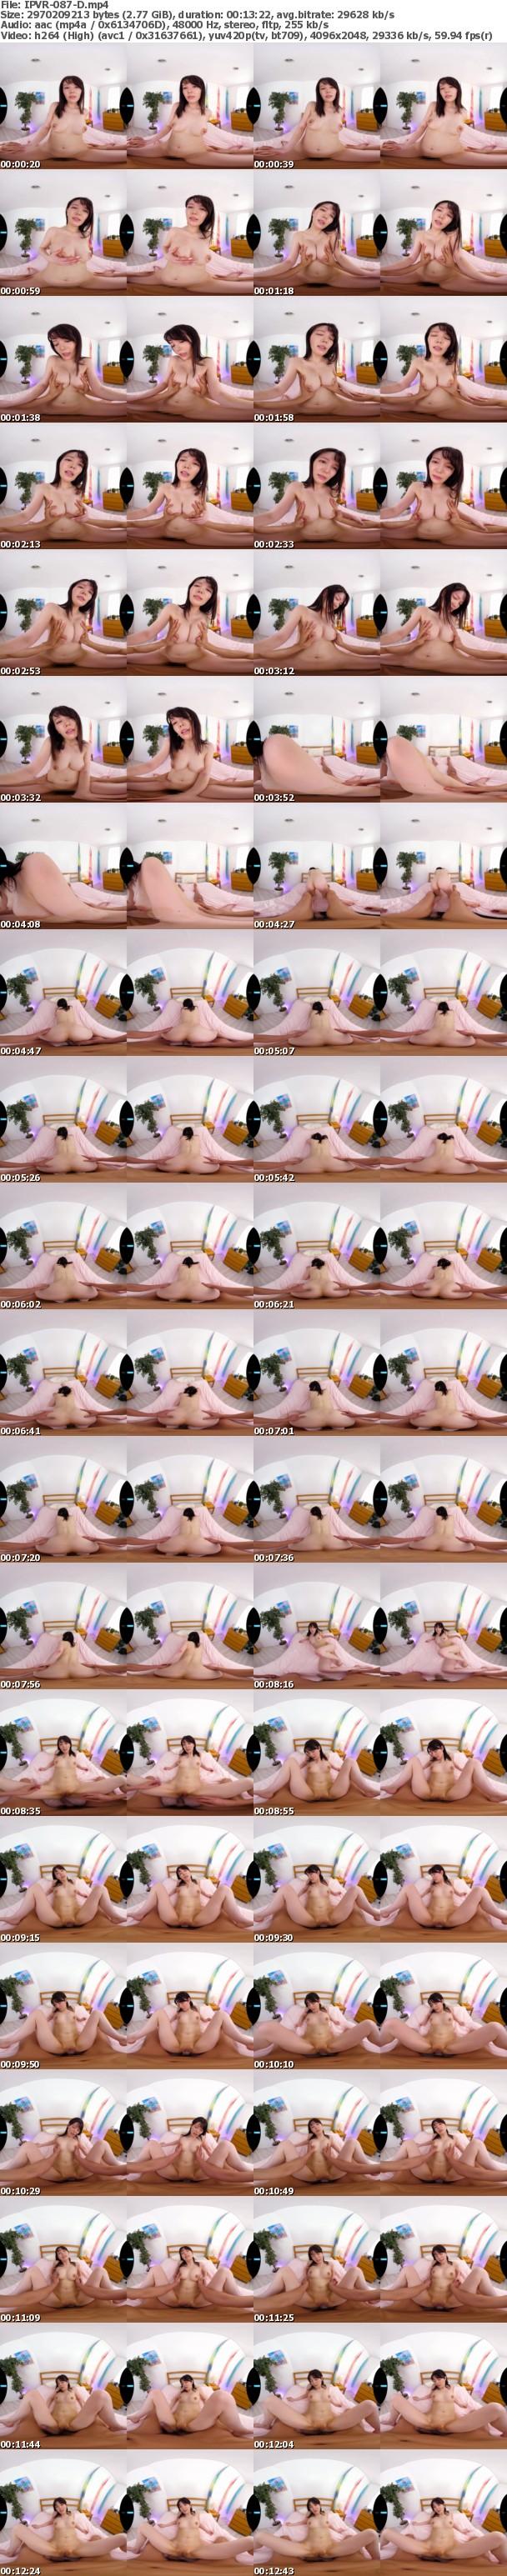 (VR) IPVR-087 とってもSWEETな美女お姉さま 美巨乳!!絶世の凄ボディ!体感!! Gカップぷるるん トロけるオナニーサポート 矢乃かのん